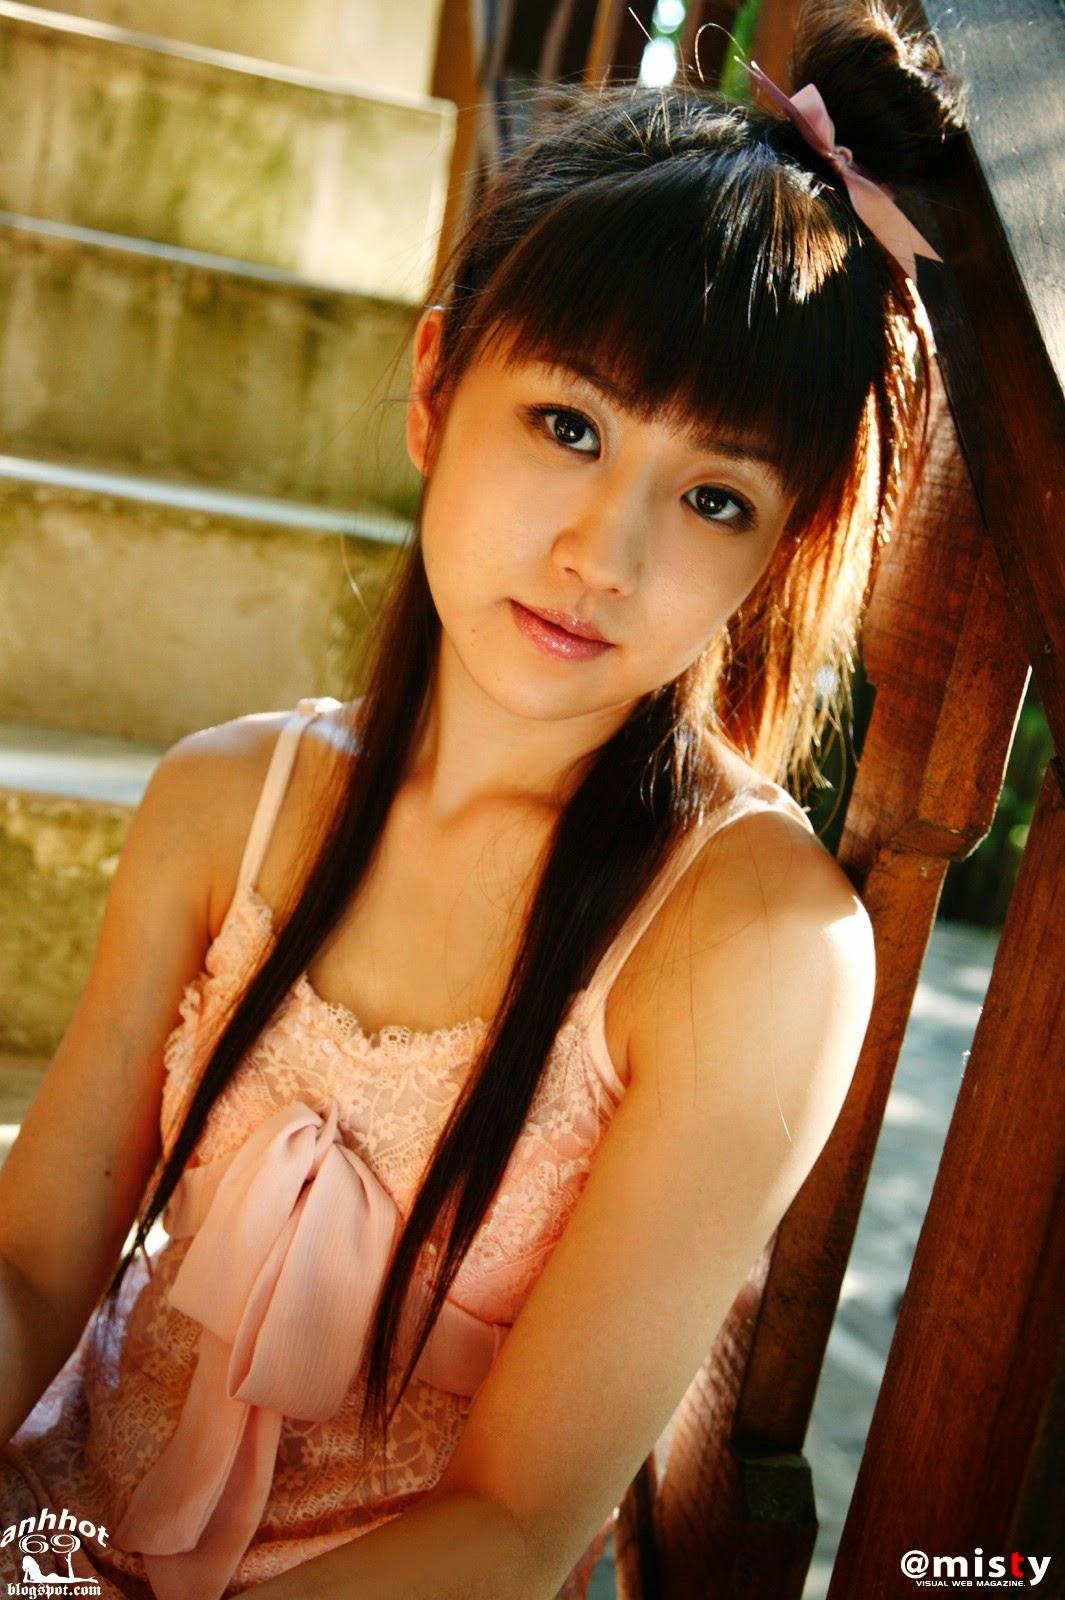 chise-nakamura-00997925